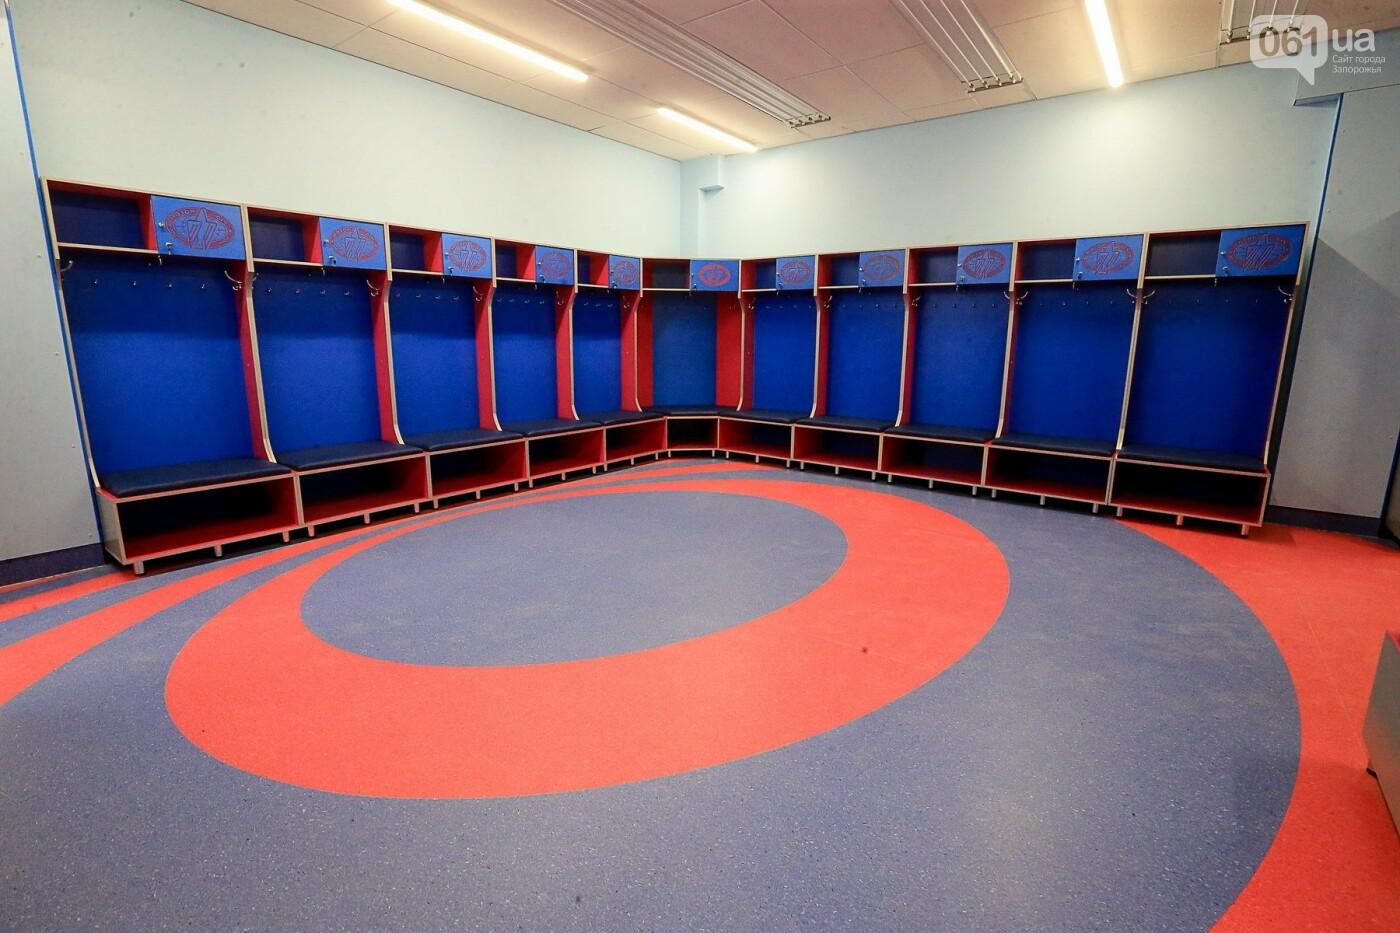 Представители Европейской гандбольной федерации проинспектировали запорожскую «Юность», - ФОТО, фото-13